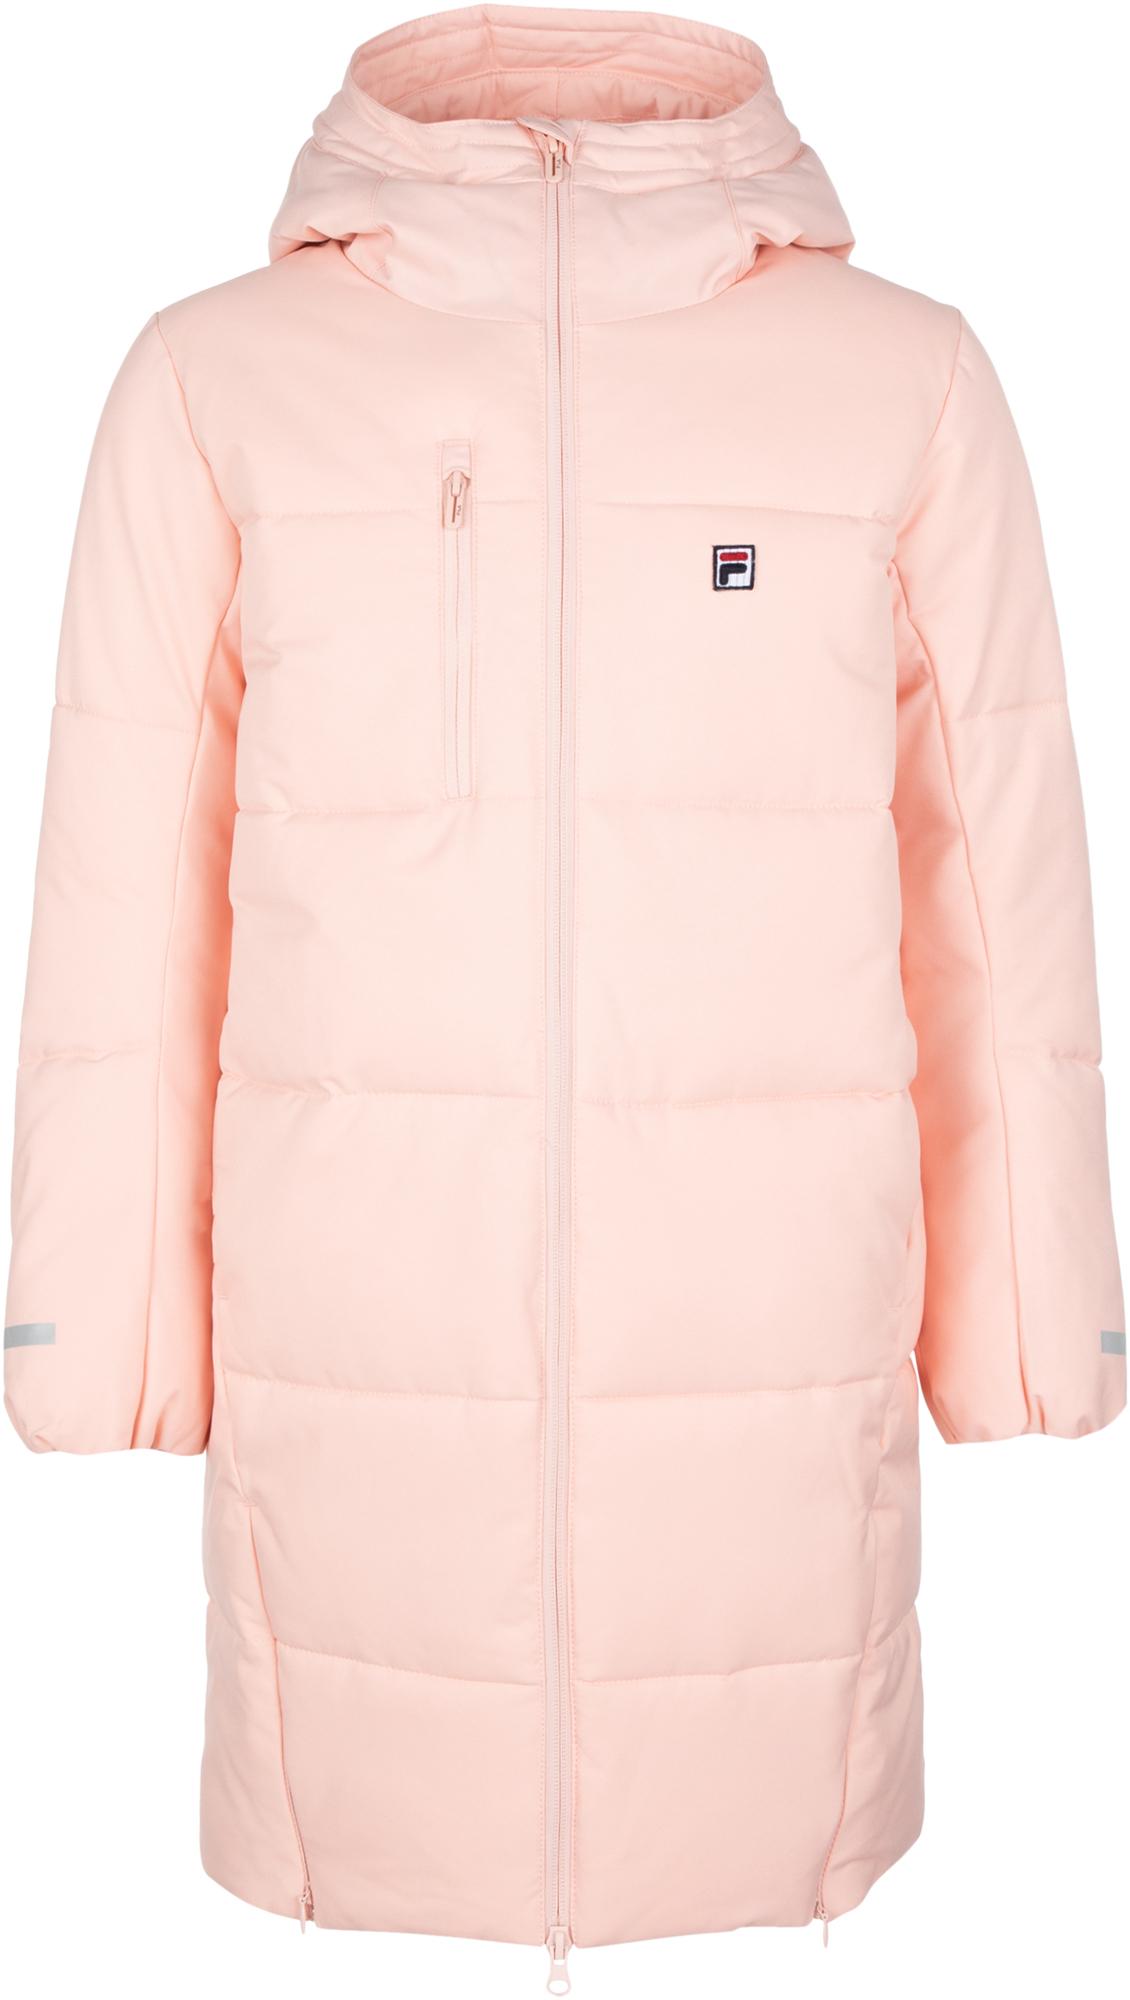 Fila Куртка утепленная для девочек Fila, размер 140 fila джемпер для девочек fila размер 140